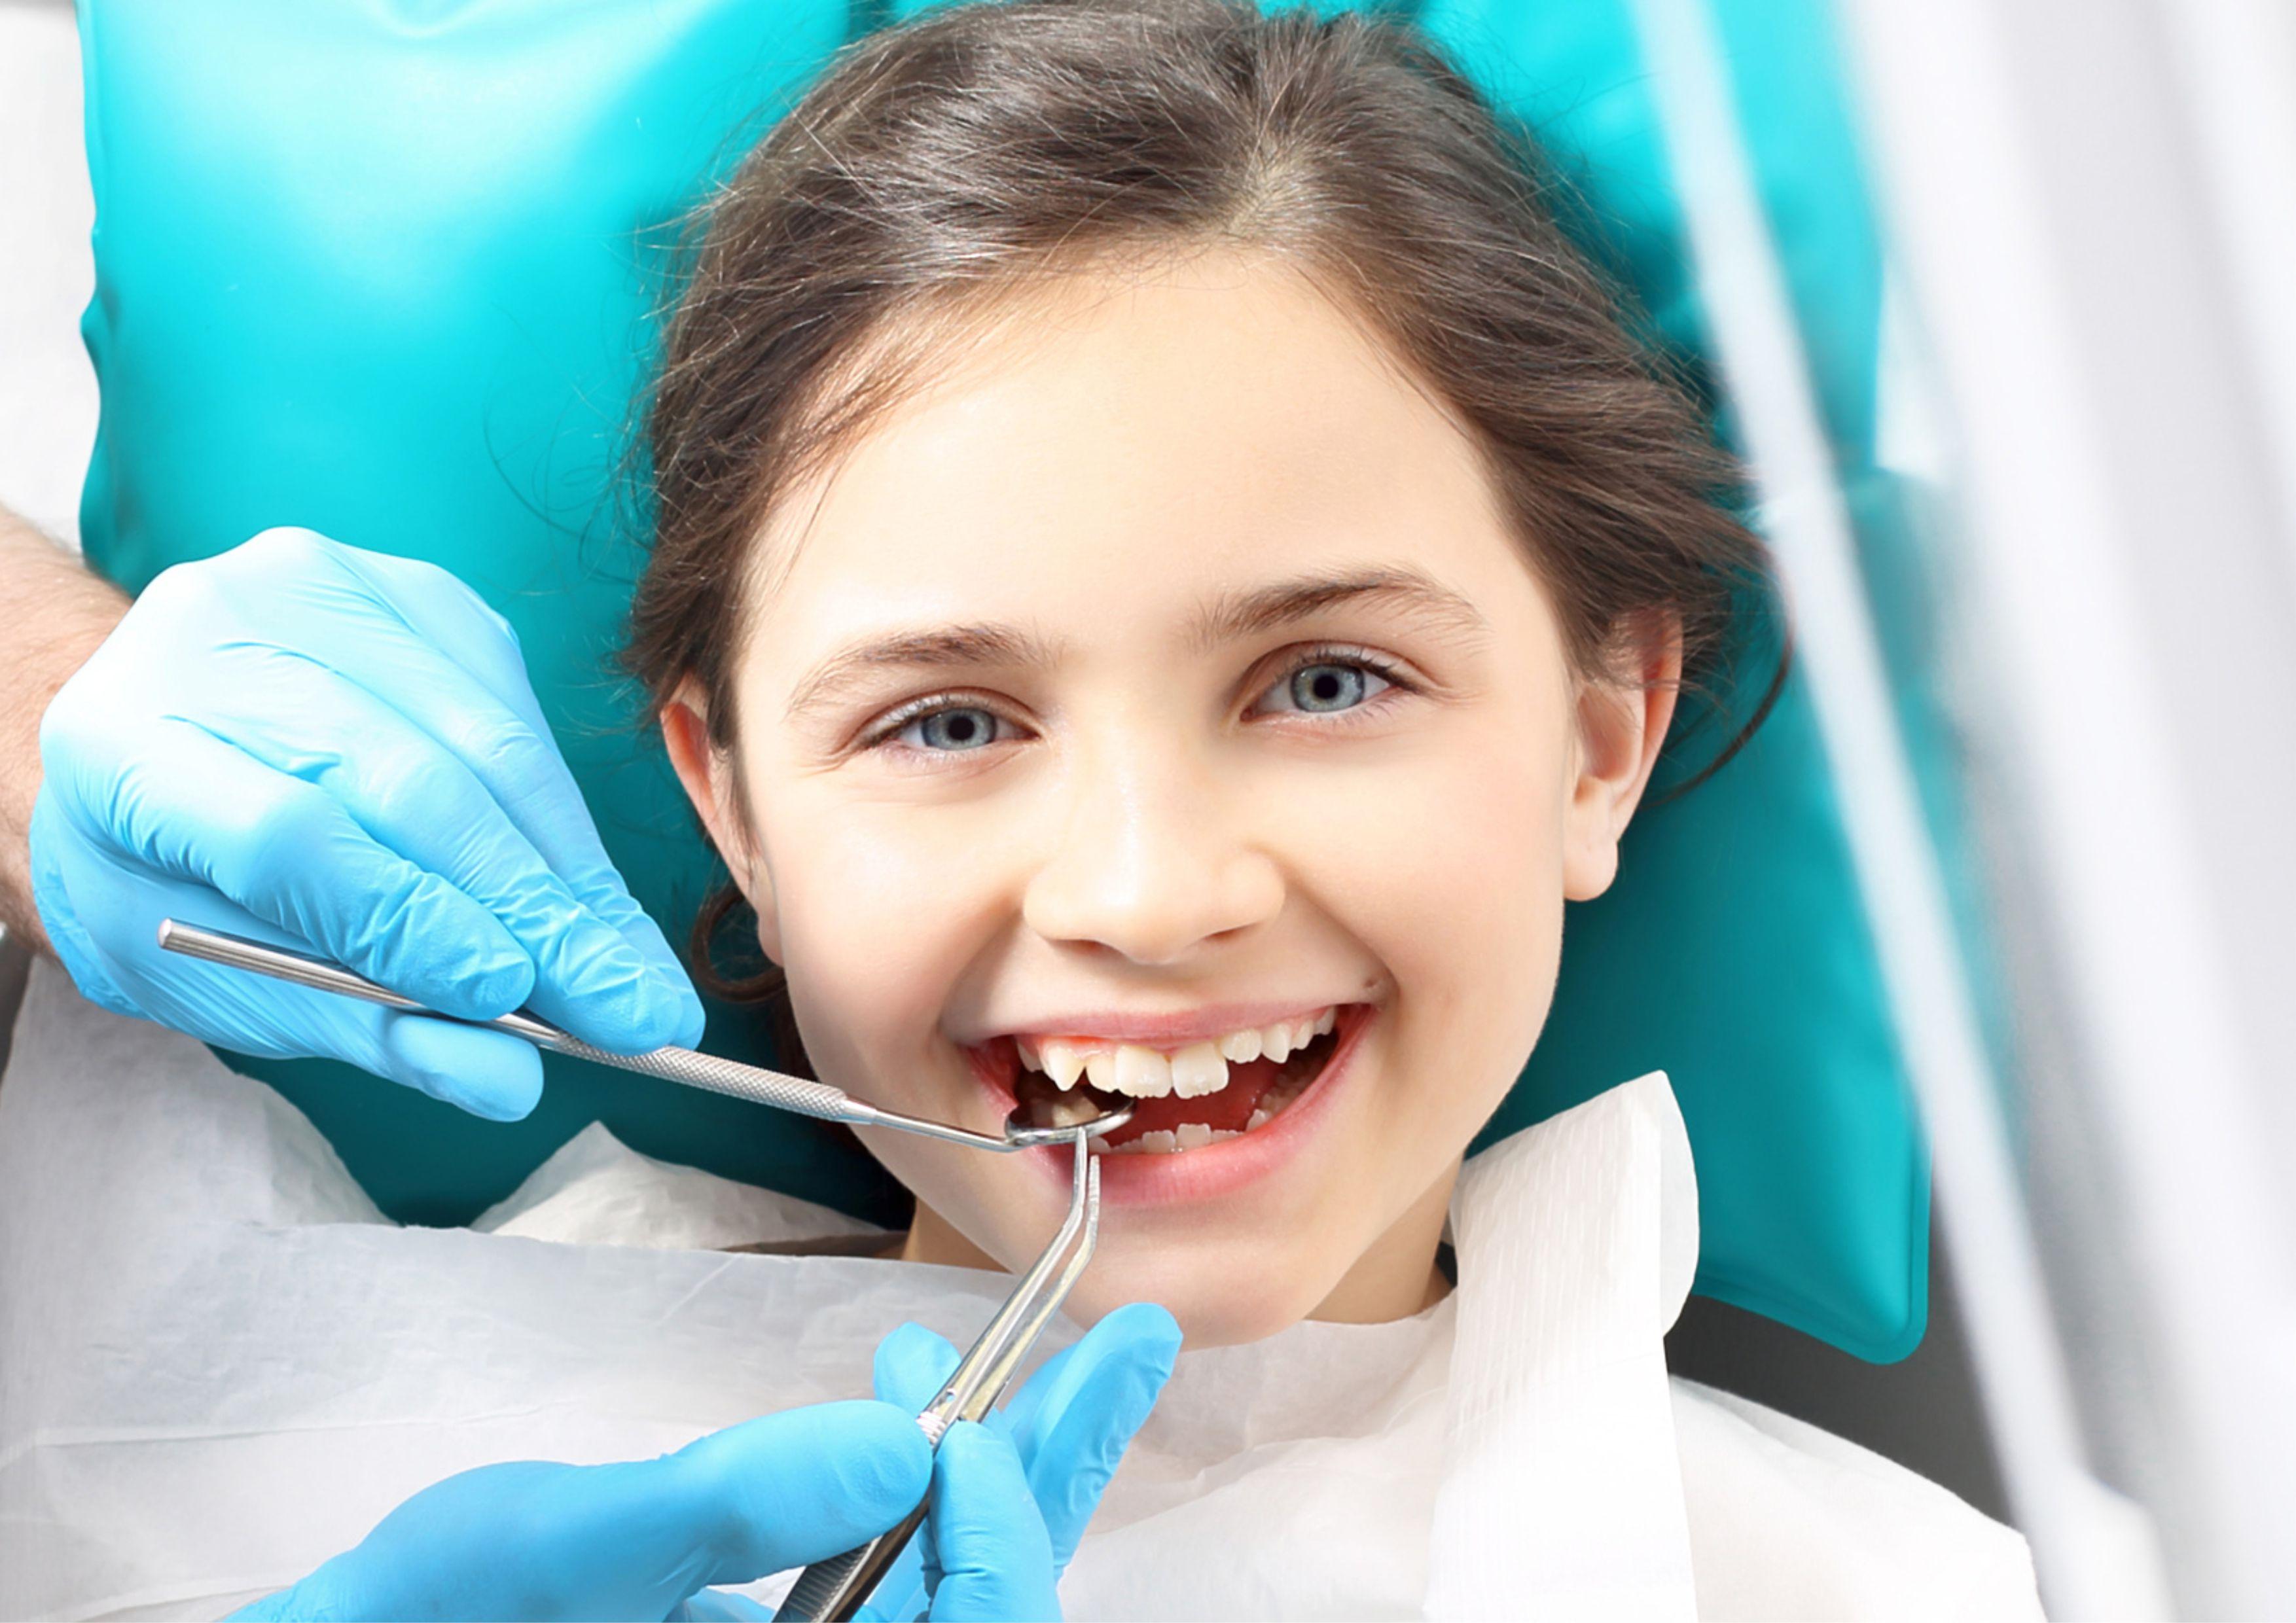 Удаление коренных зубов у детей